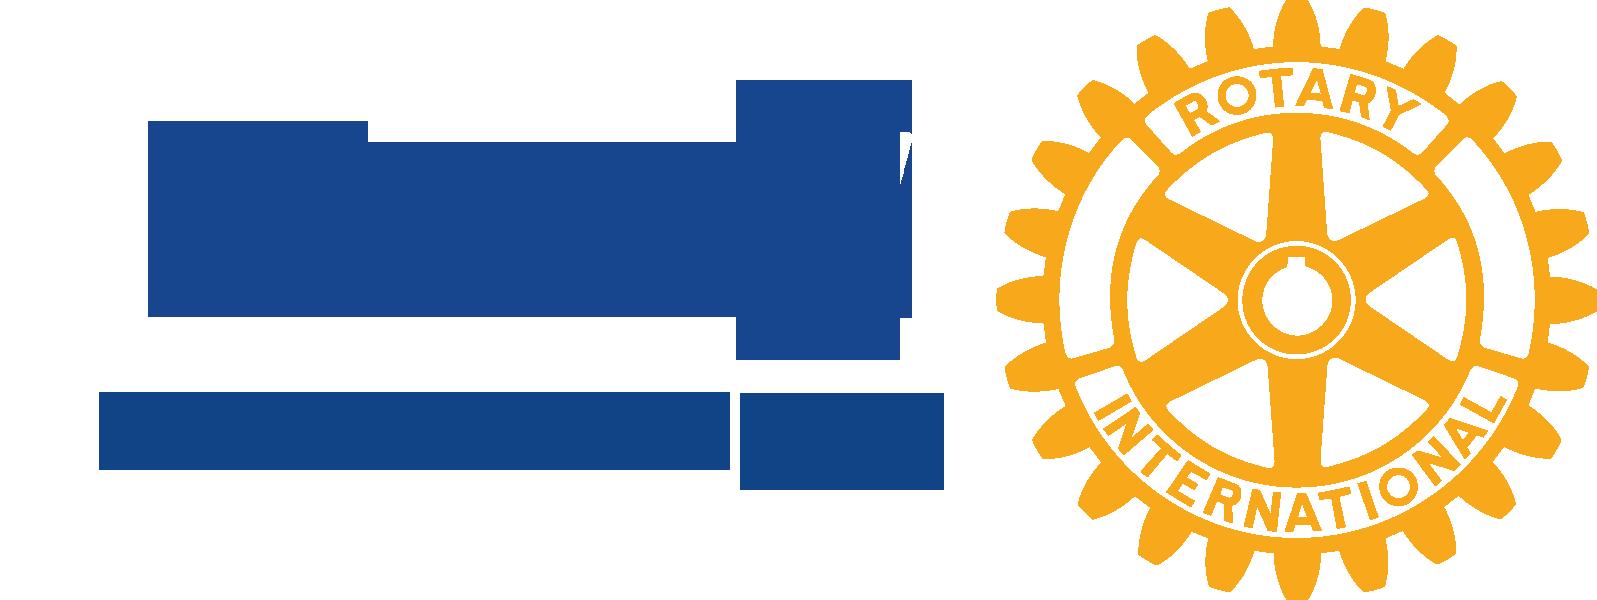 上海扶轮社